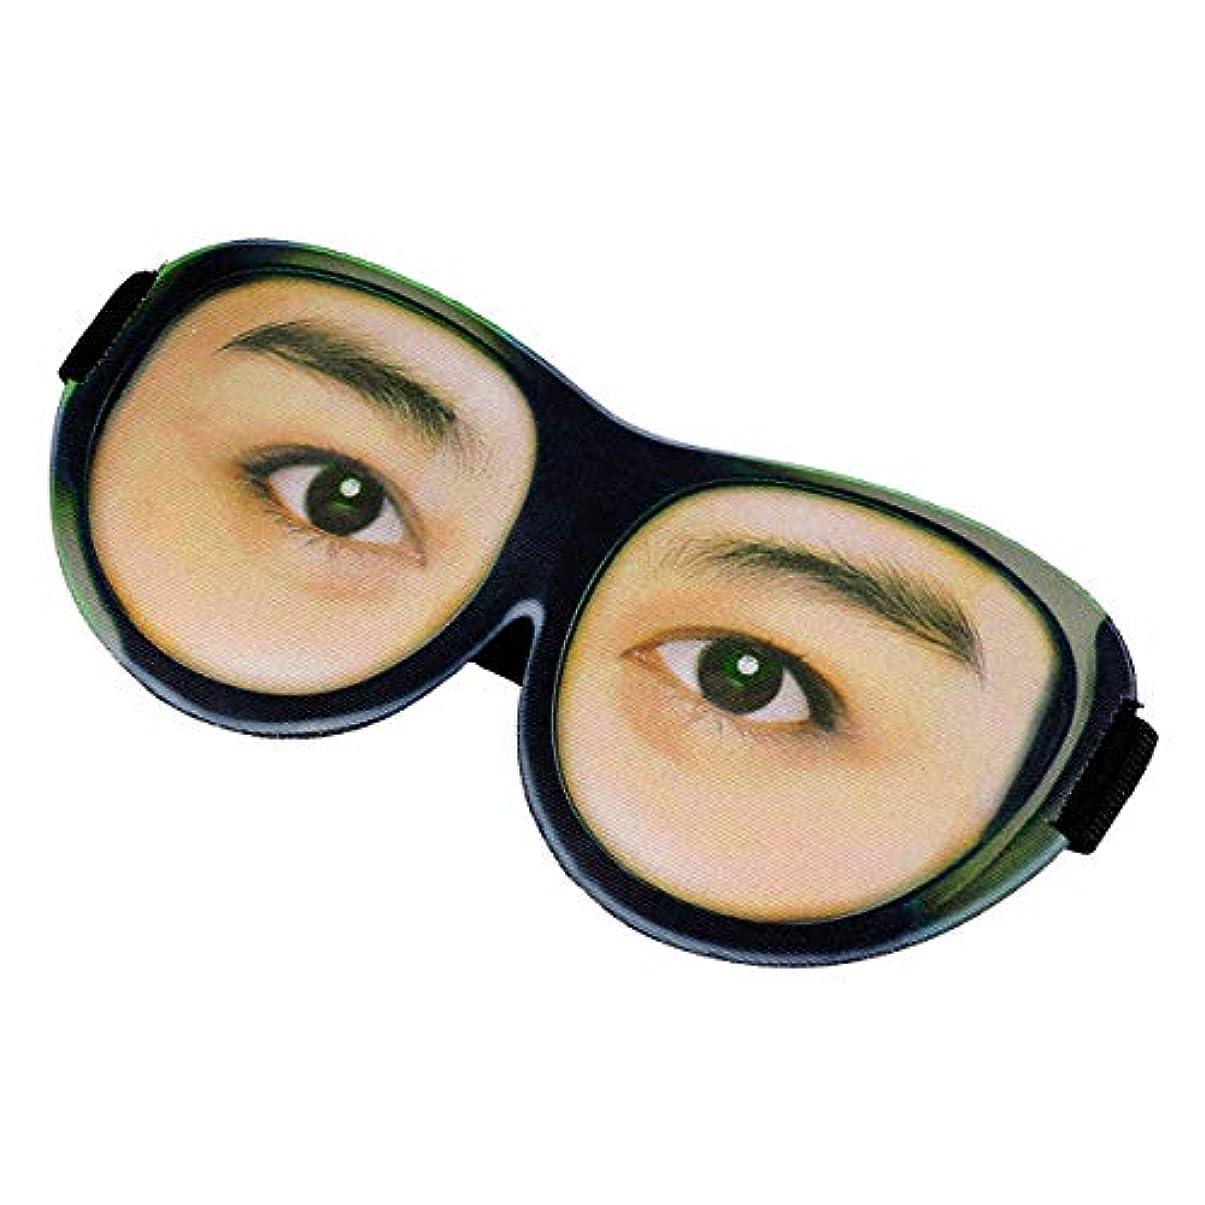 共和国警告ユダヤ人Beaupretty 睡眠マスクメガネ面白い3D調節可能ストラップ付きアイマスクアイシェード睡眠用アイシェード